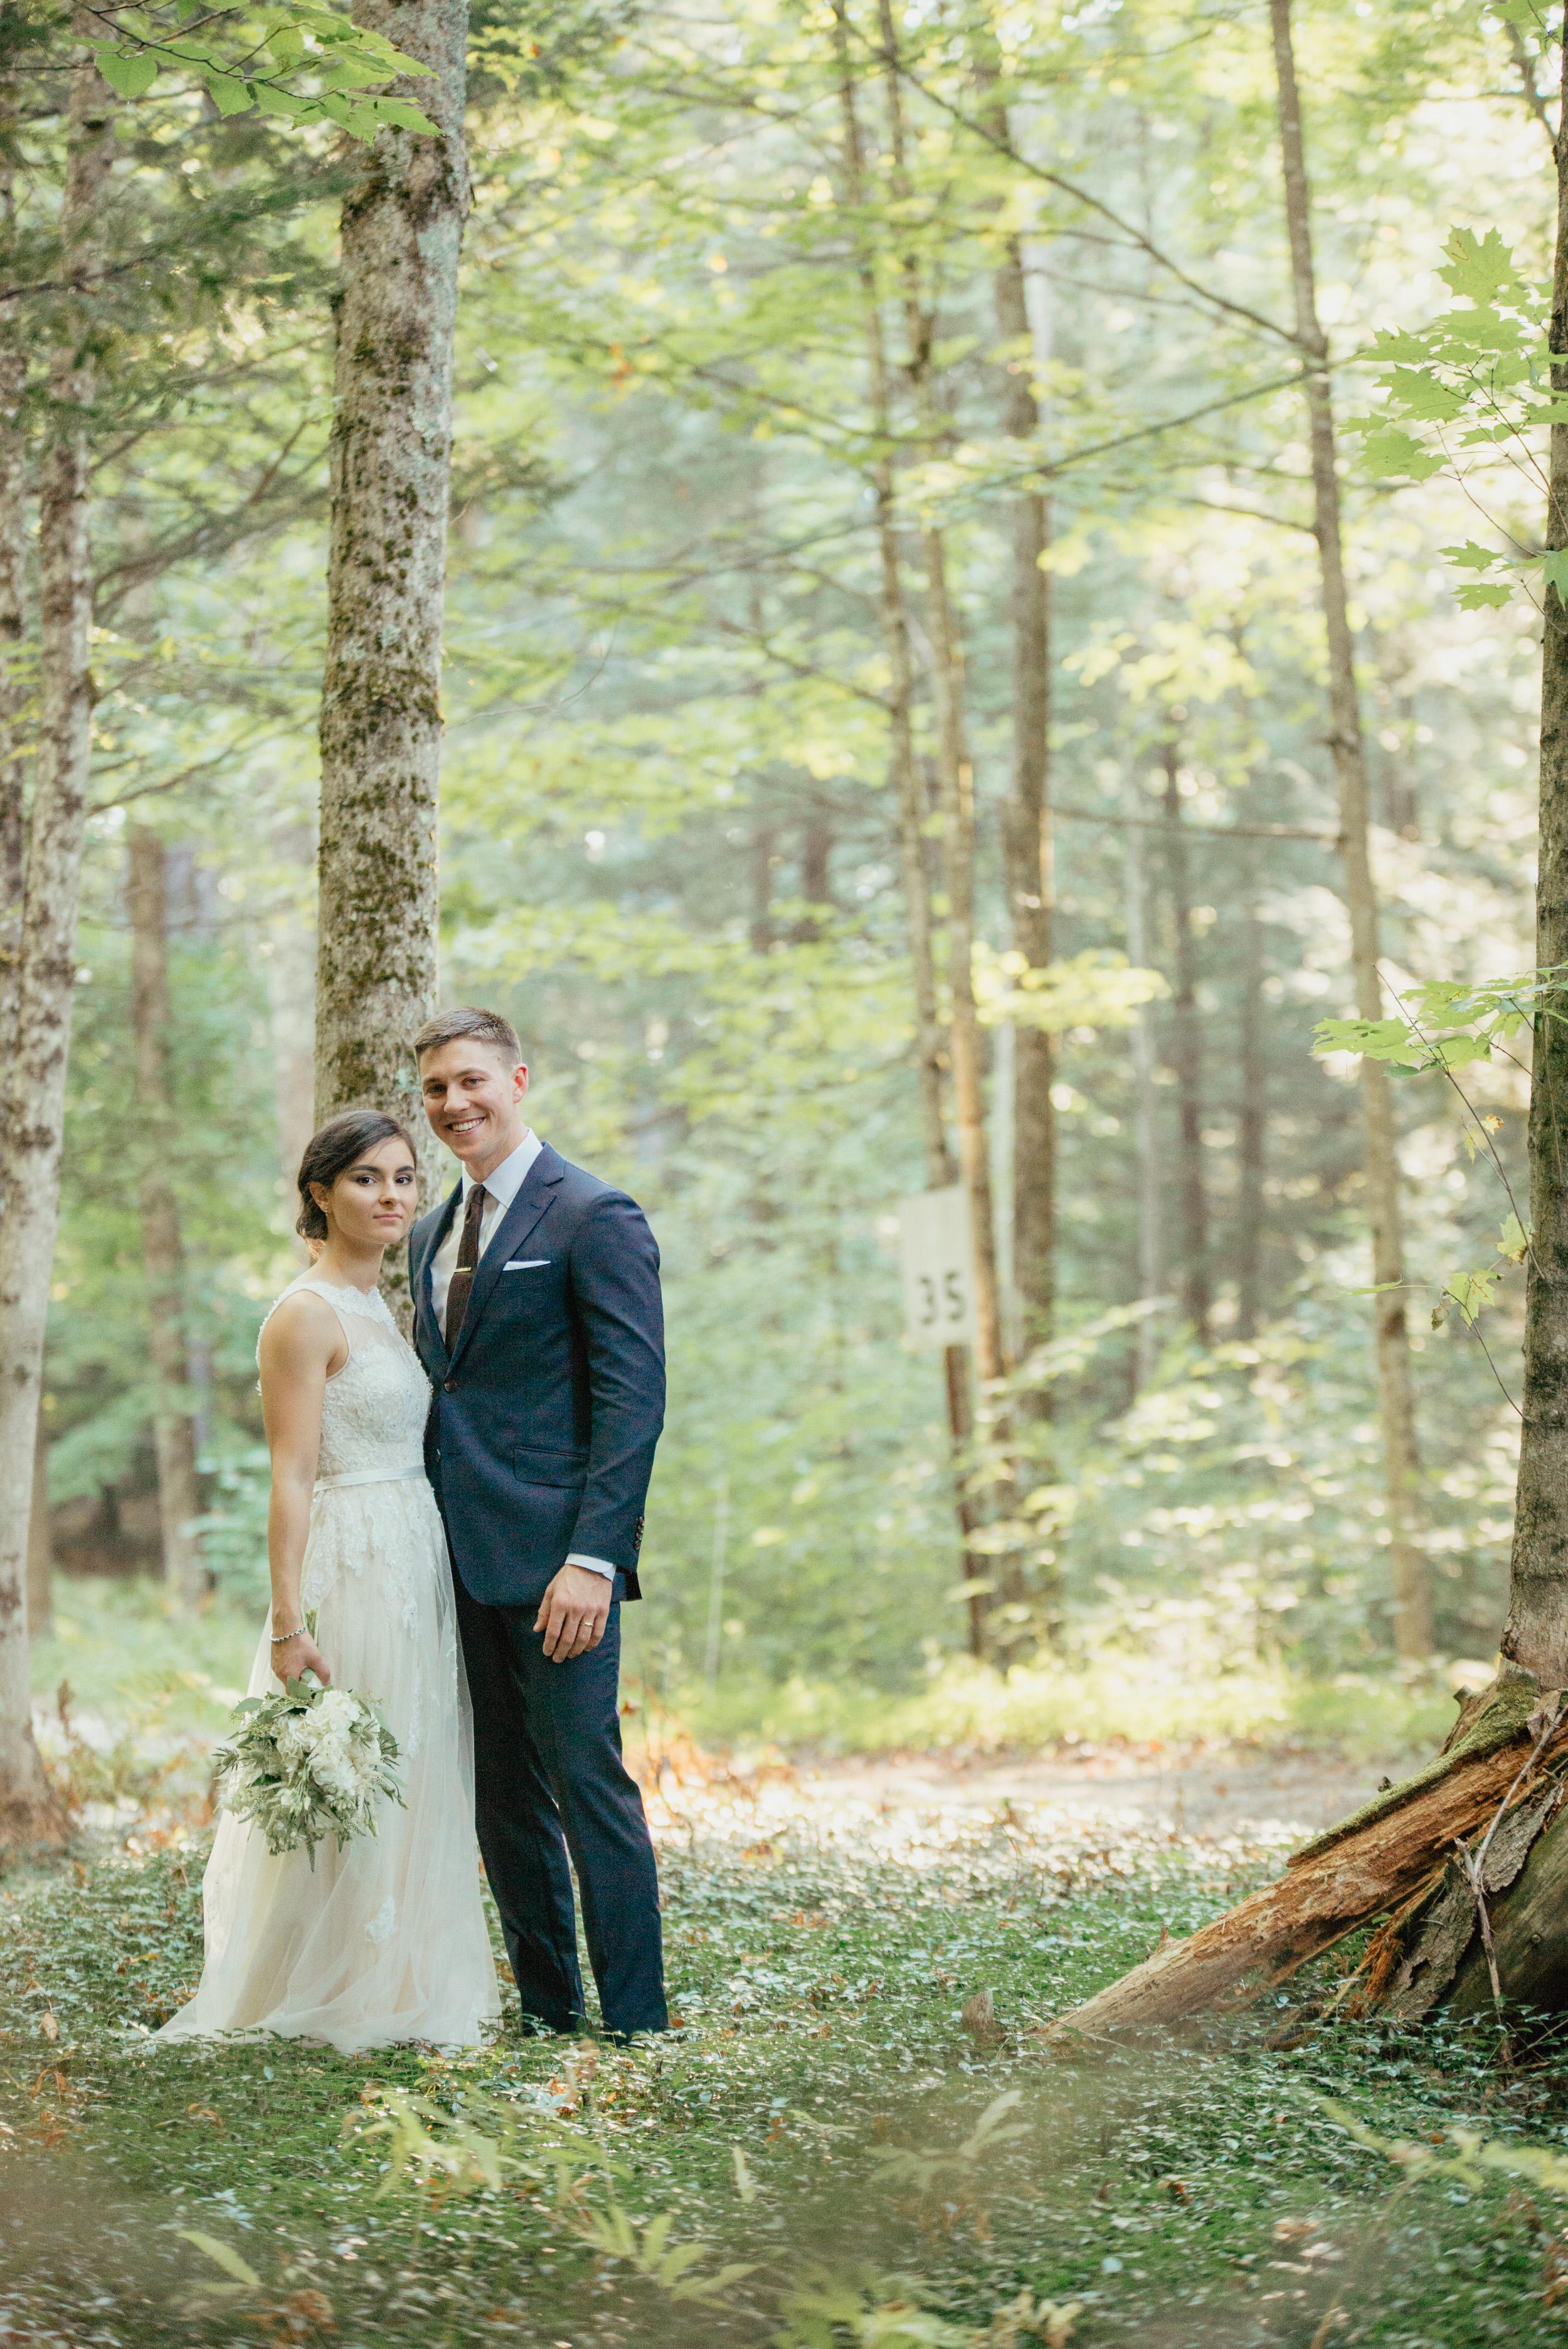 cleland-studios-weddings-33.jpg